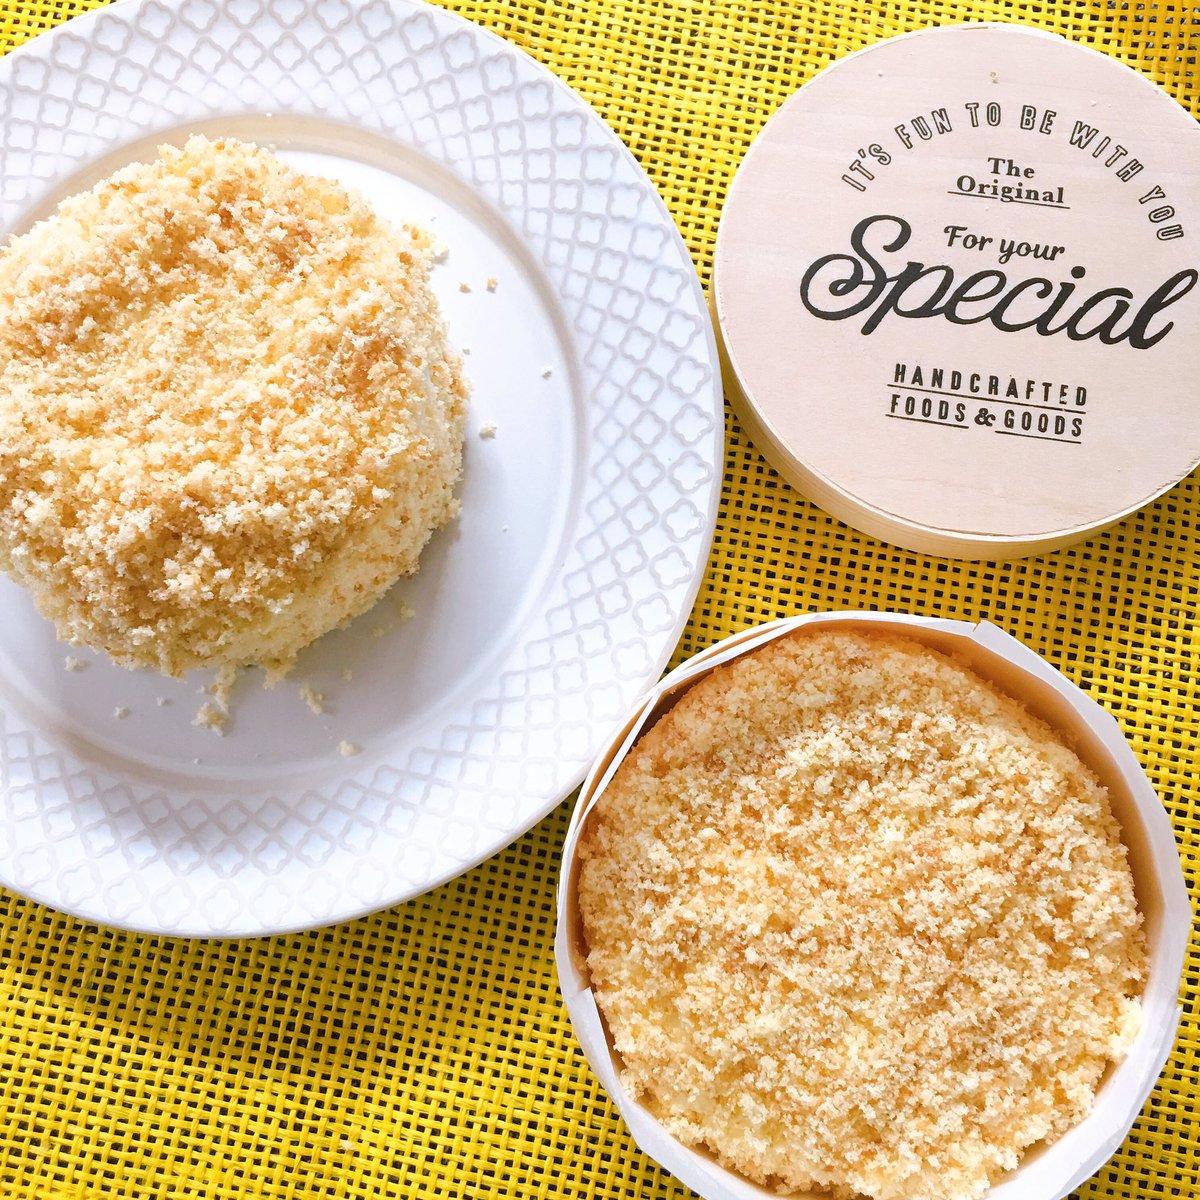 test ツイッターメディア - 夫に捧げる ホワイトチョコチーズケーキ❁  お誕生日おめでとう♥  大好きなnyontaさんのレシピをお借りして nyontaさんみたいな素敵な仕上がりには到底及ばないけど わたしにもルタオみたいなケーキが出来た嬉しい❣️  #手作り #チーズケーキ #ホワイトチョコ #お菓子 #コッタ #ルタオ風 #セリア https://t.co/t3MXTsll0o